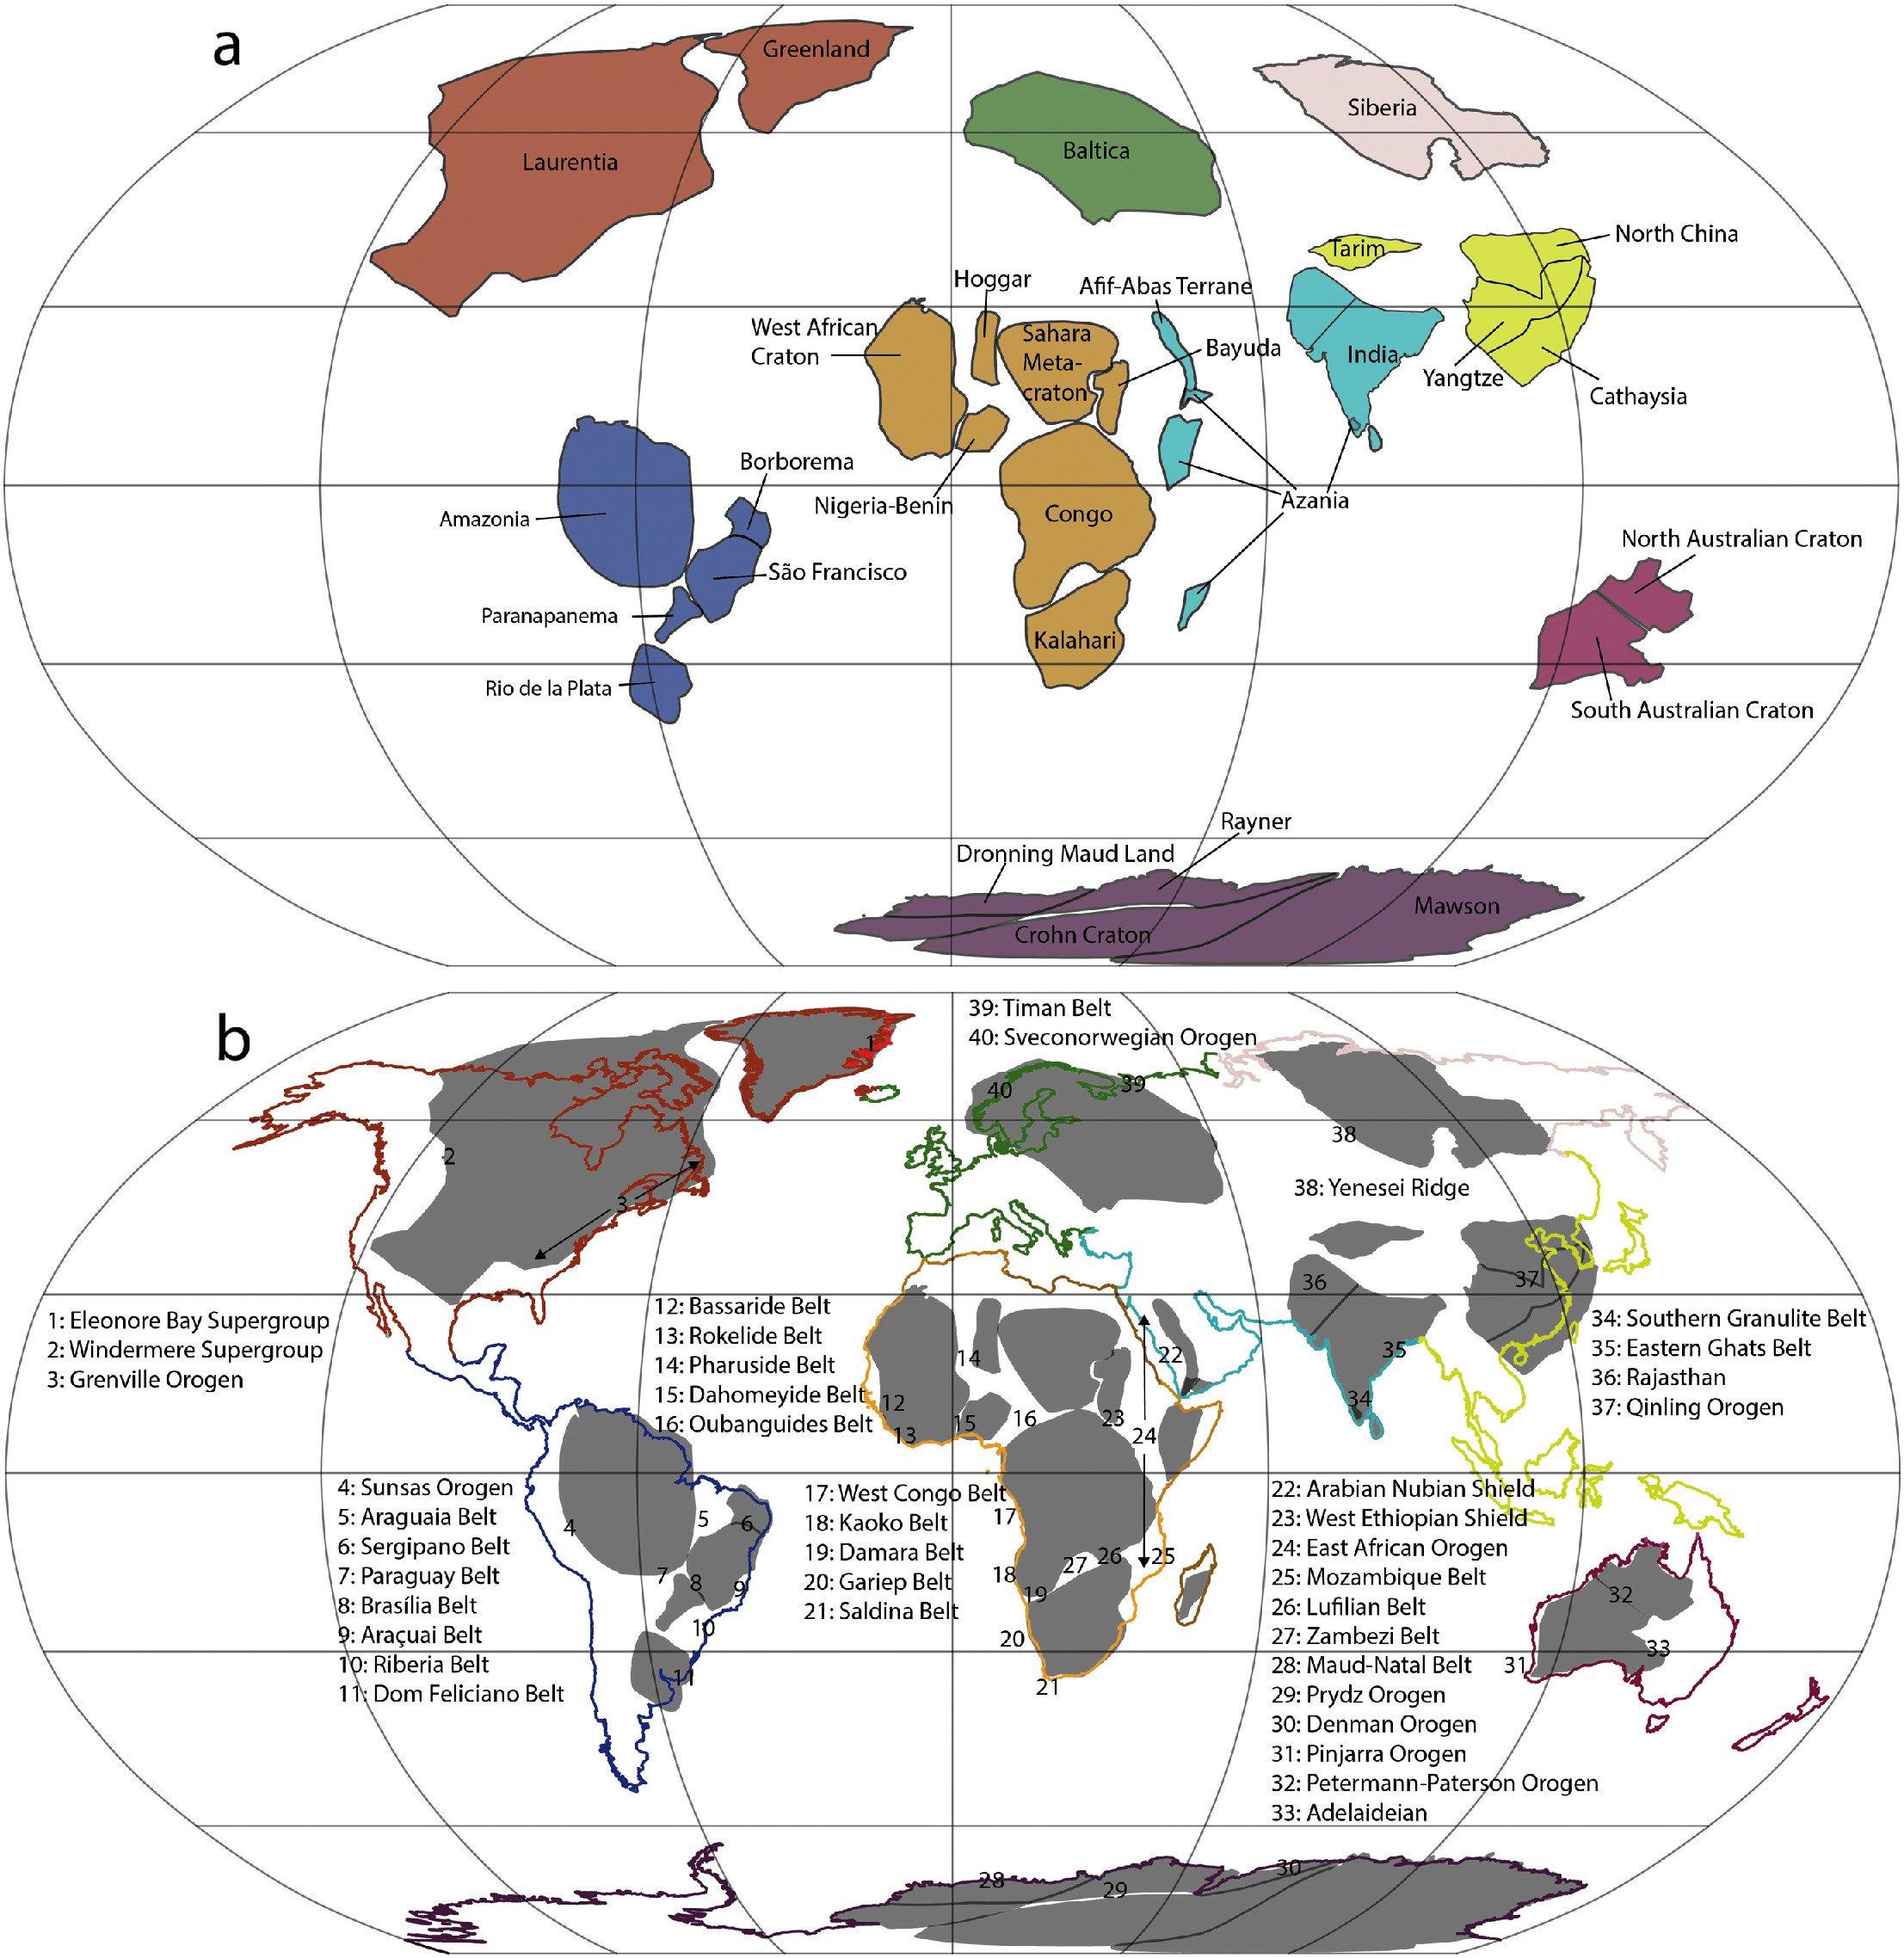 Представлена карта движения материков в течение 500 миллионов лет